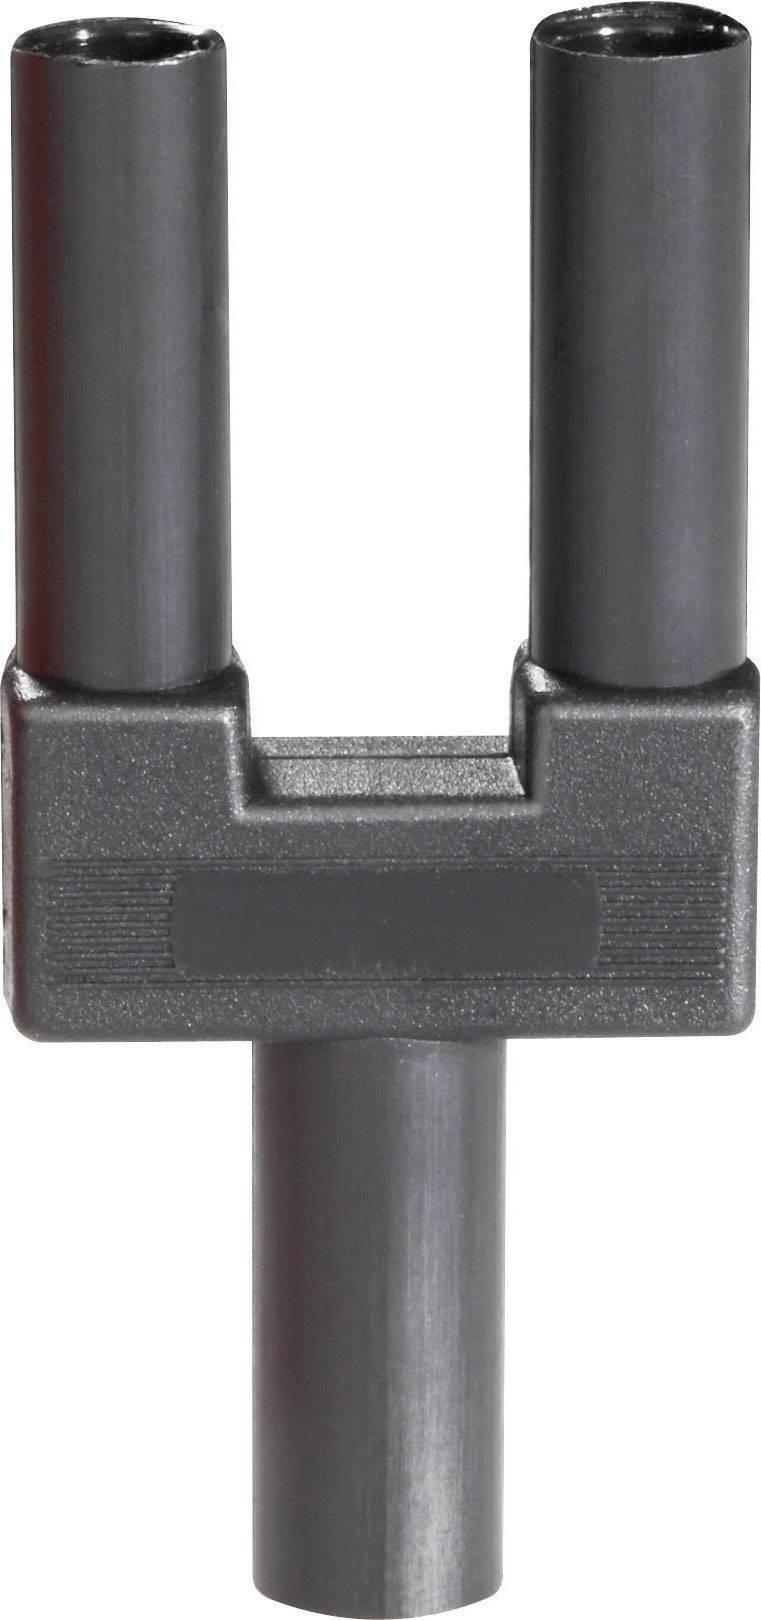 Bezpečnostný skratový mostík Schnepp SI-FK 19/4 mB sw, Ø hrotu 4 mm, rozostup hrotov 19 mm, čierna, 1 ks